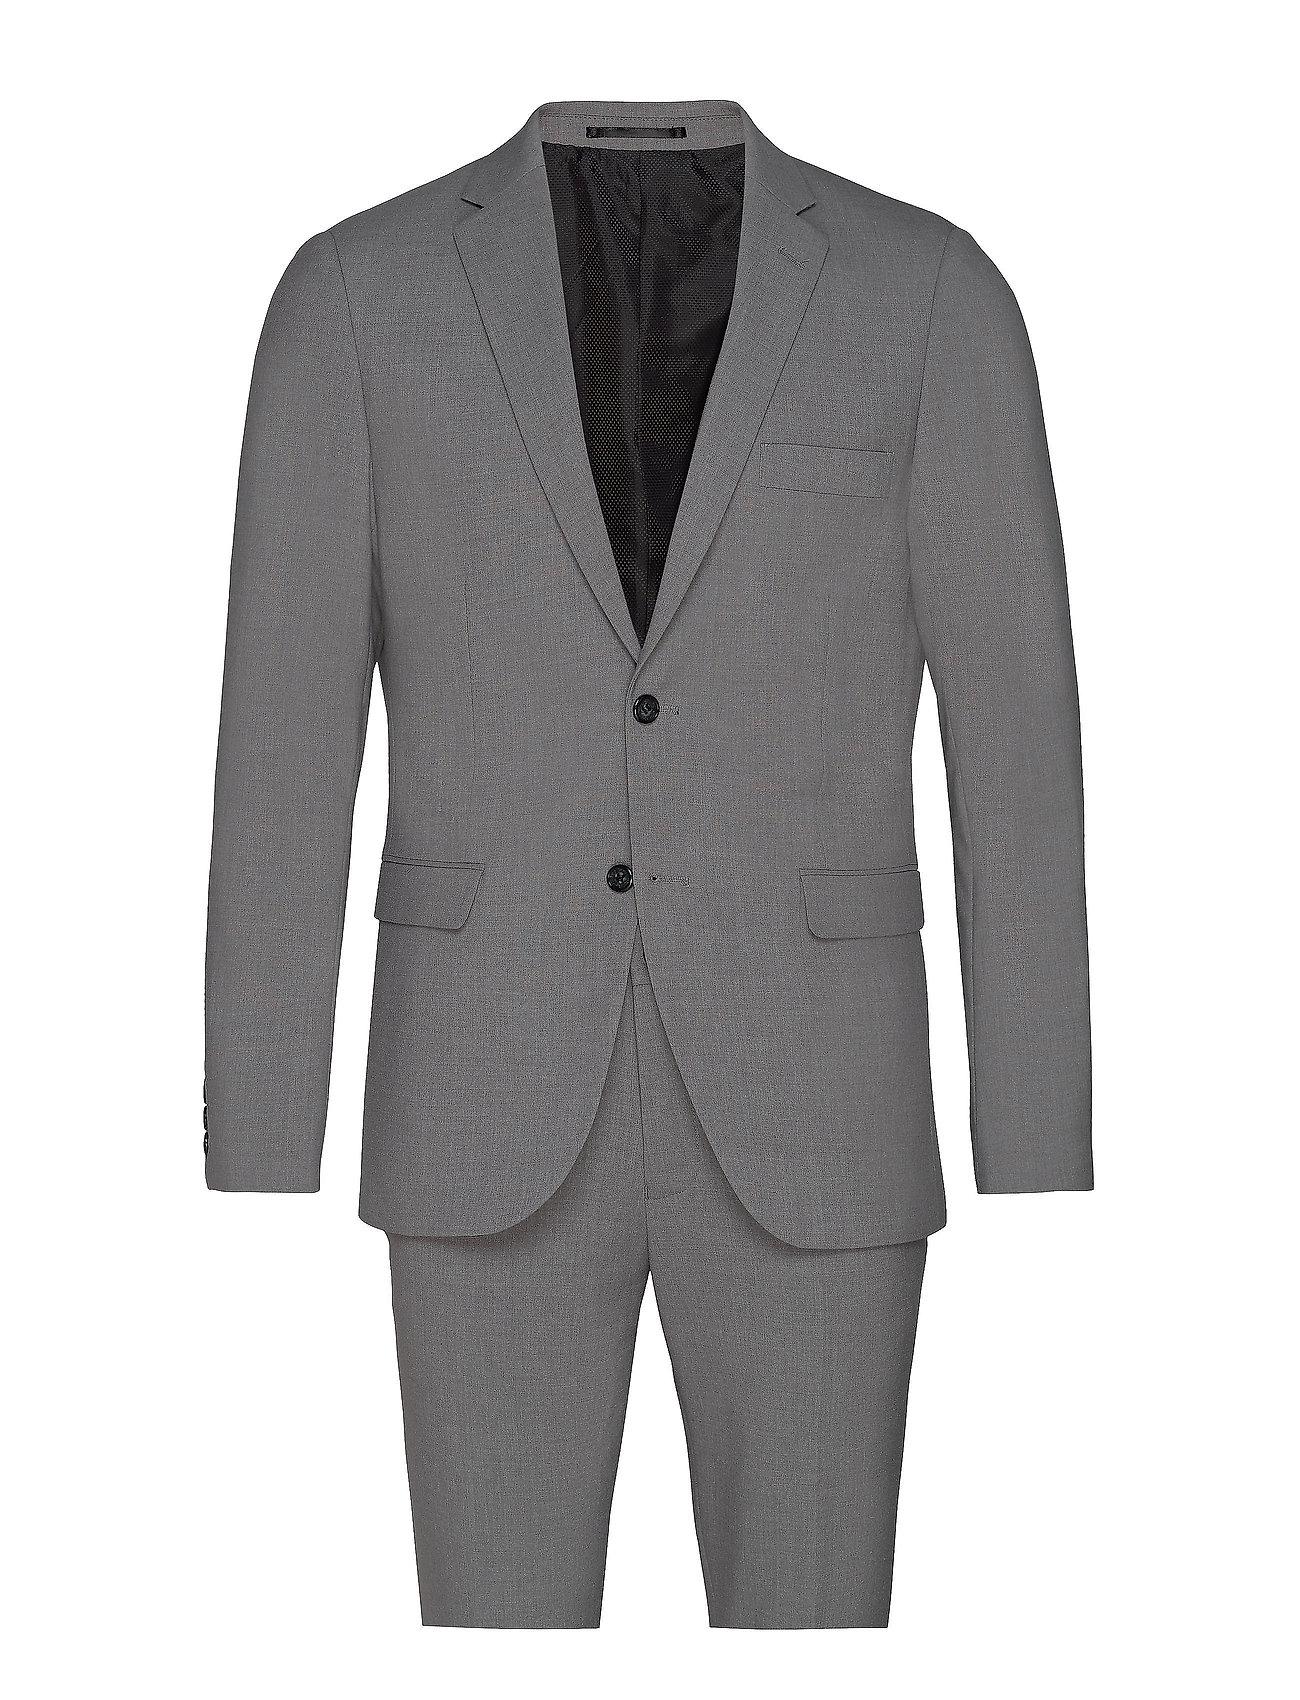 Lindbergh Plain mens suit - LT GREY MEL